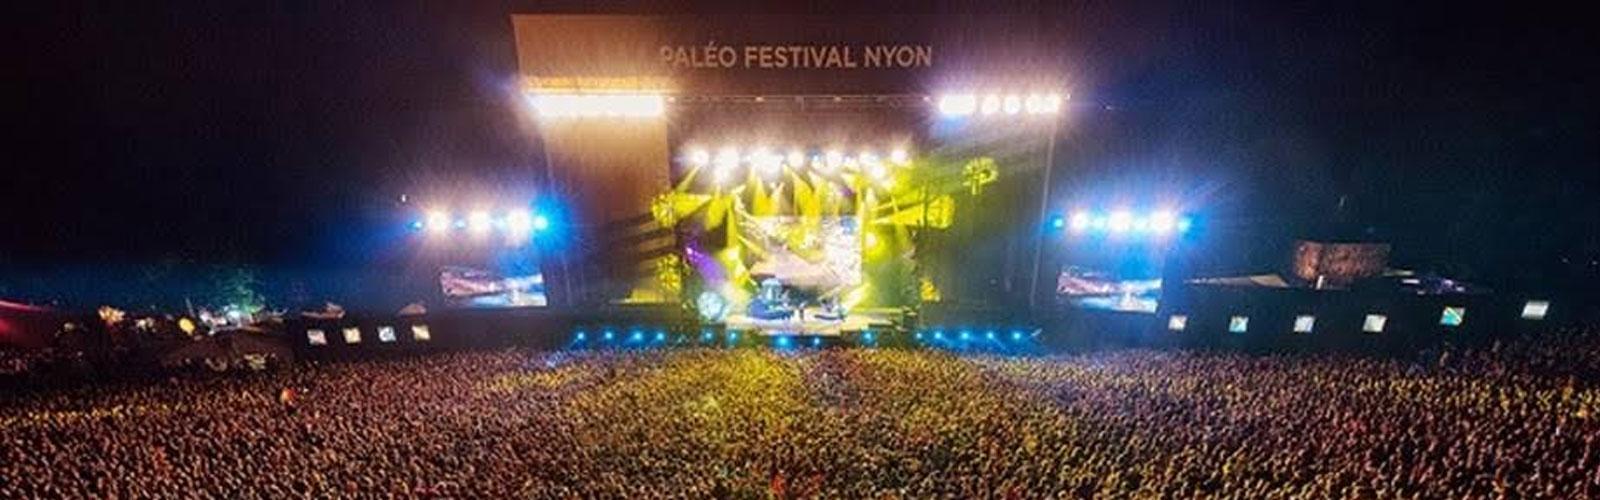 paleo-festival-secutix-blockchain